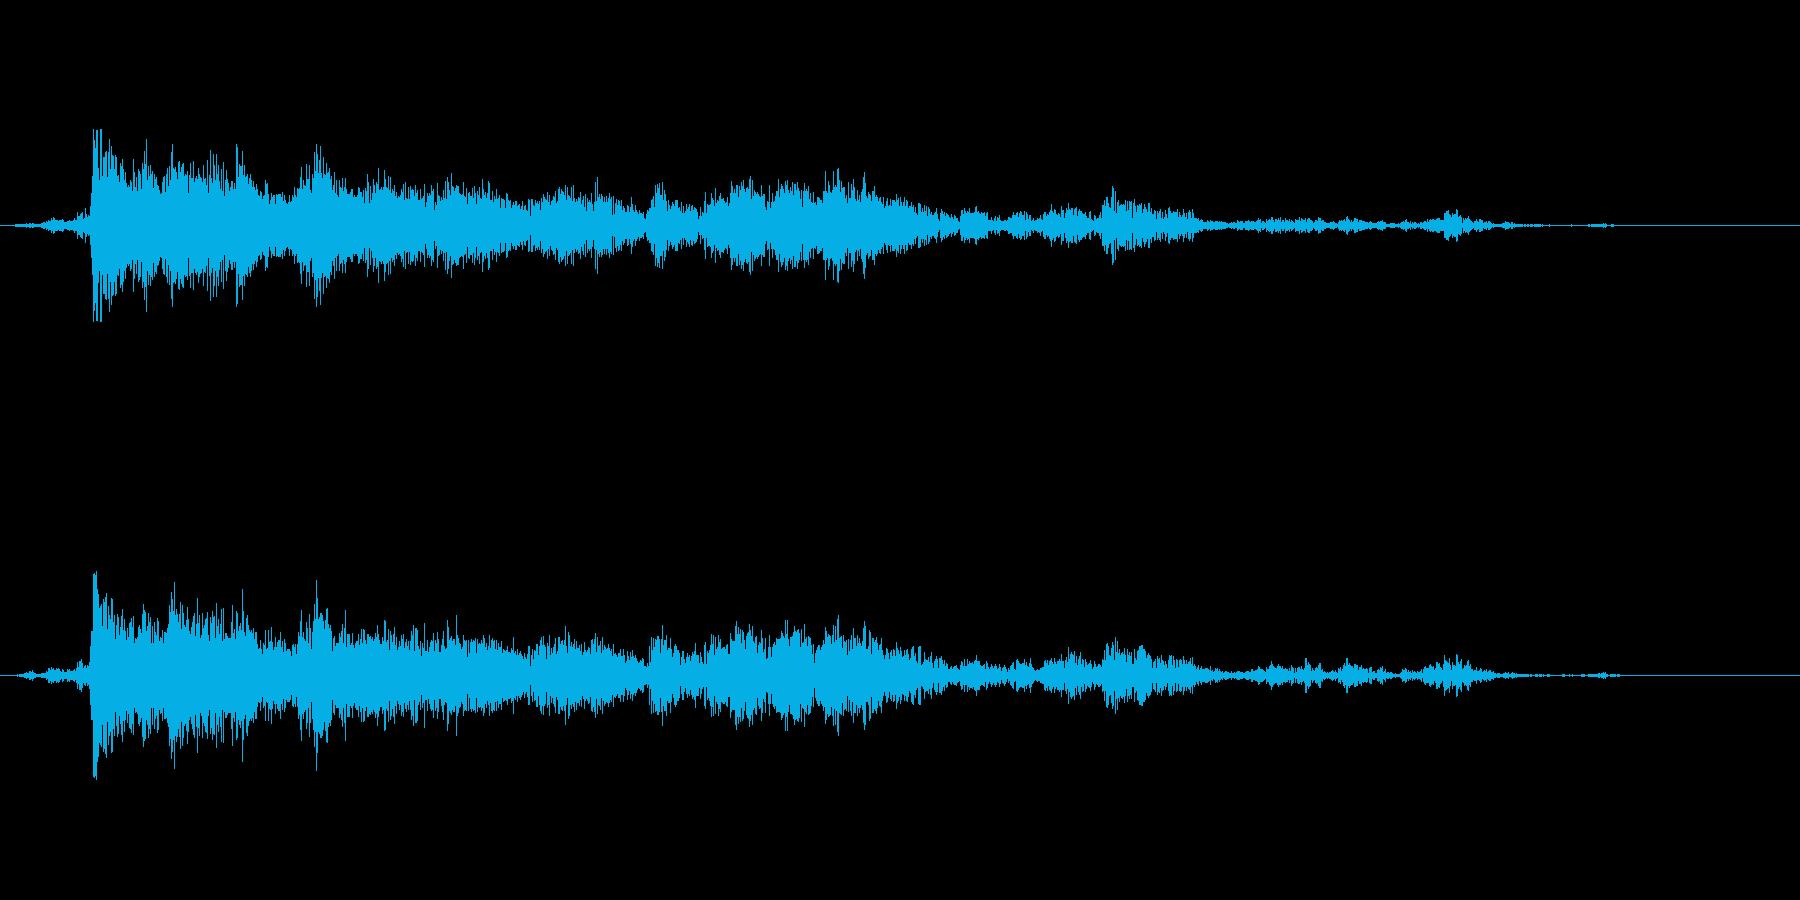 雷鳴 雷が遠くでゴロゴロと鳴る音 遠雷の再生済みの波形